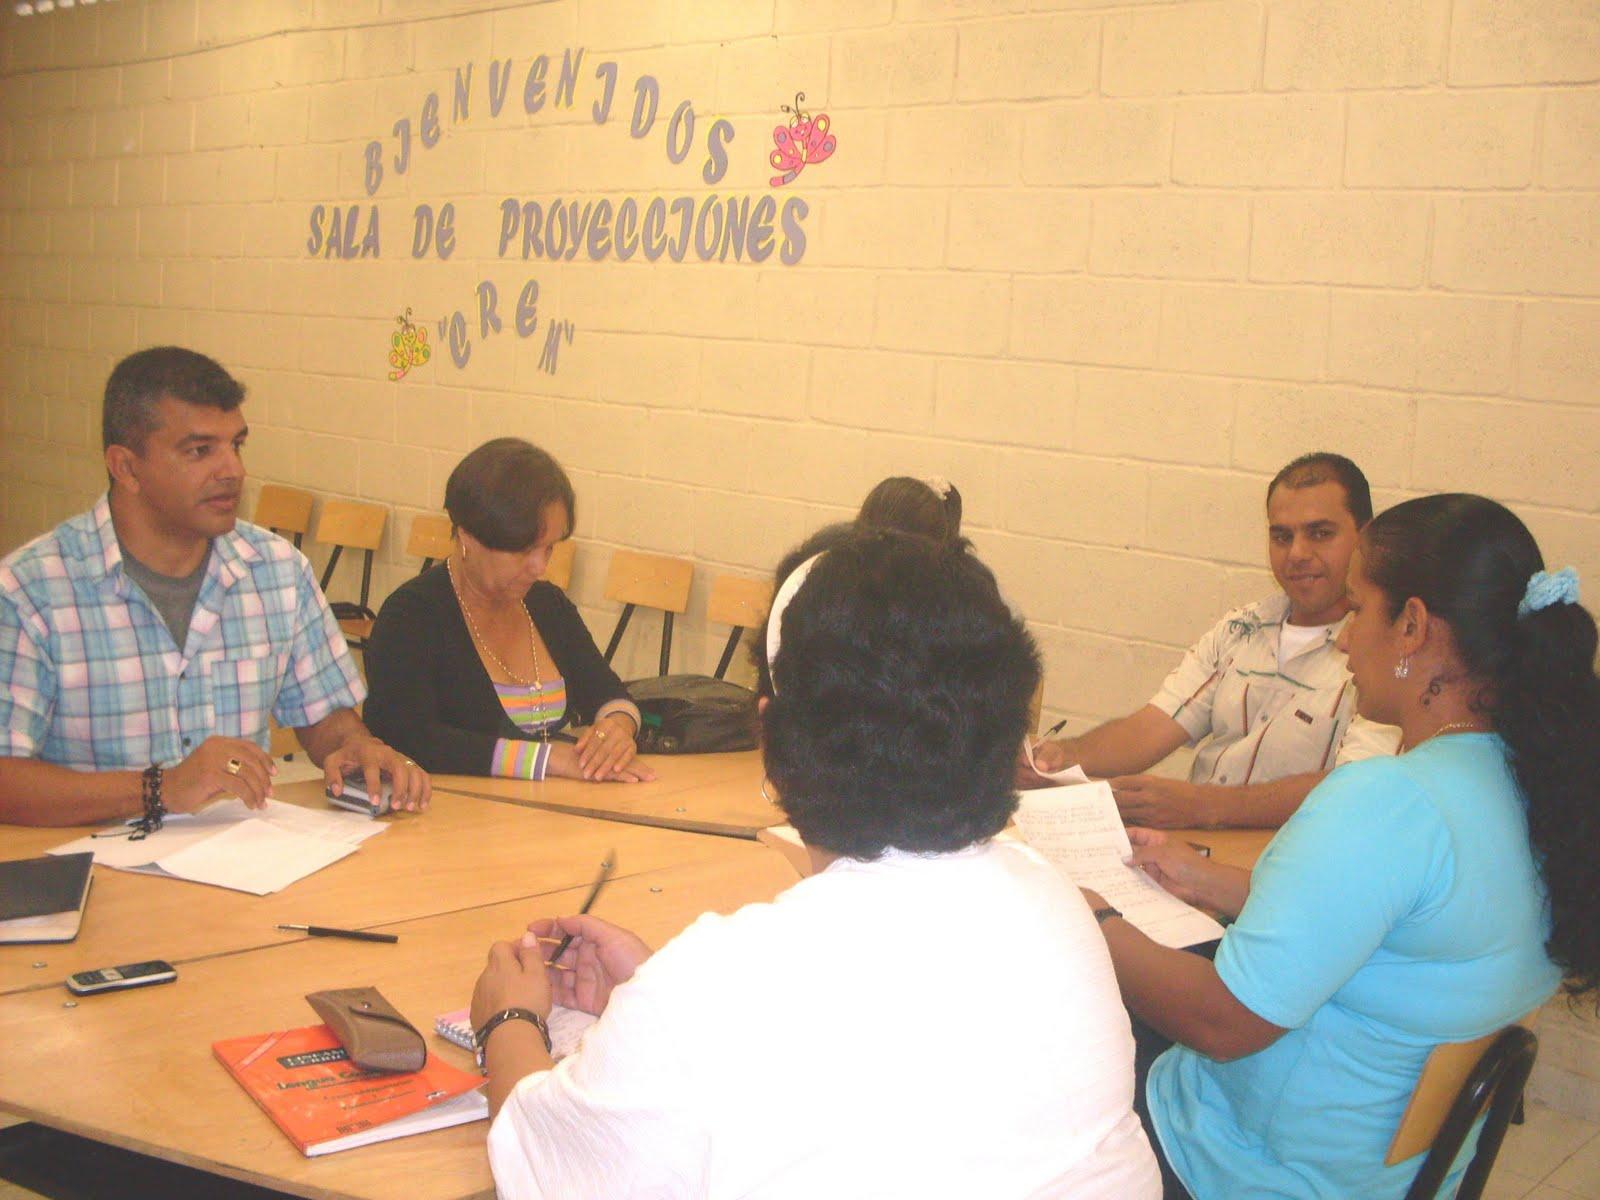 Encuentro 7, 18-08-09